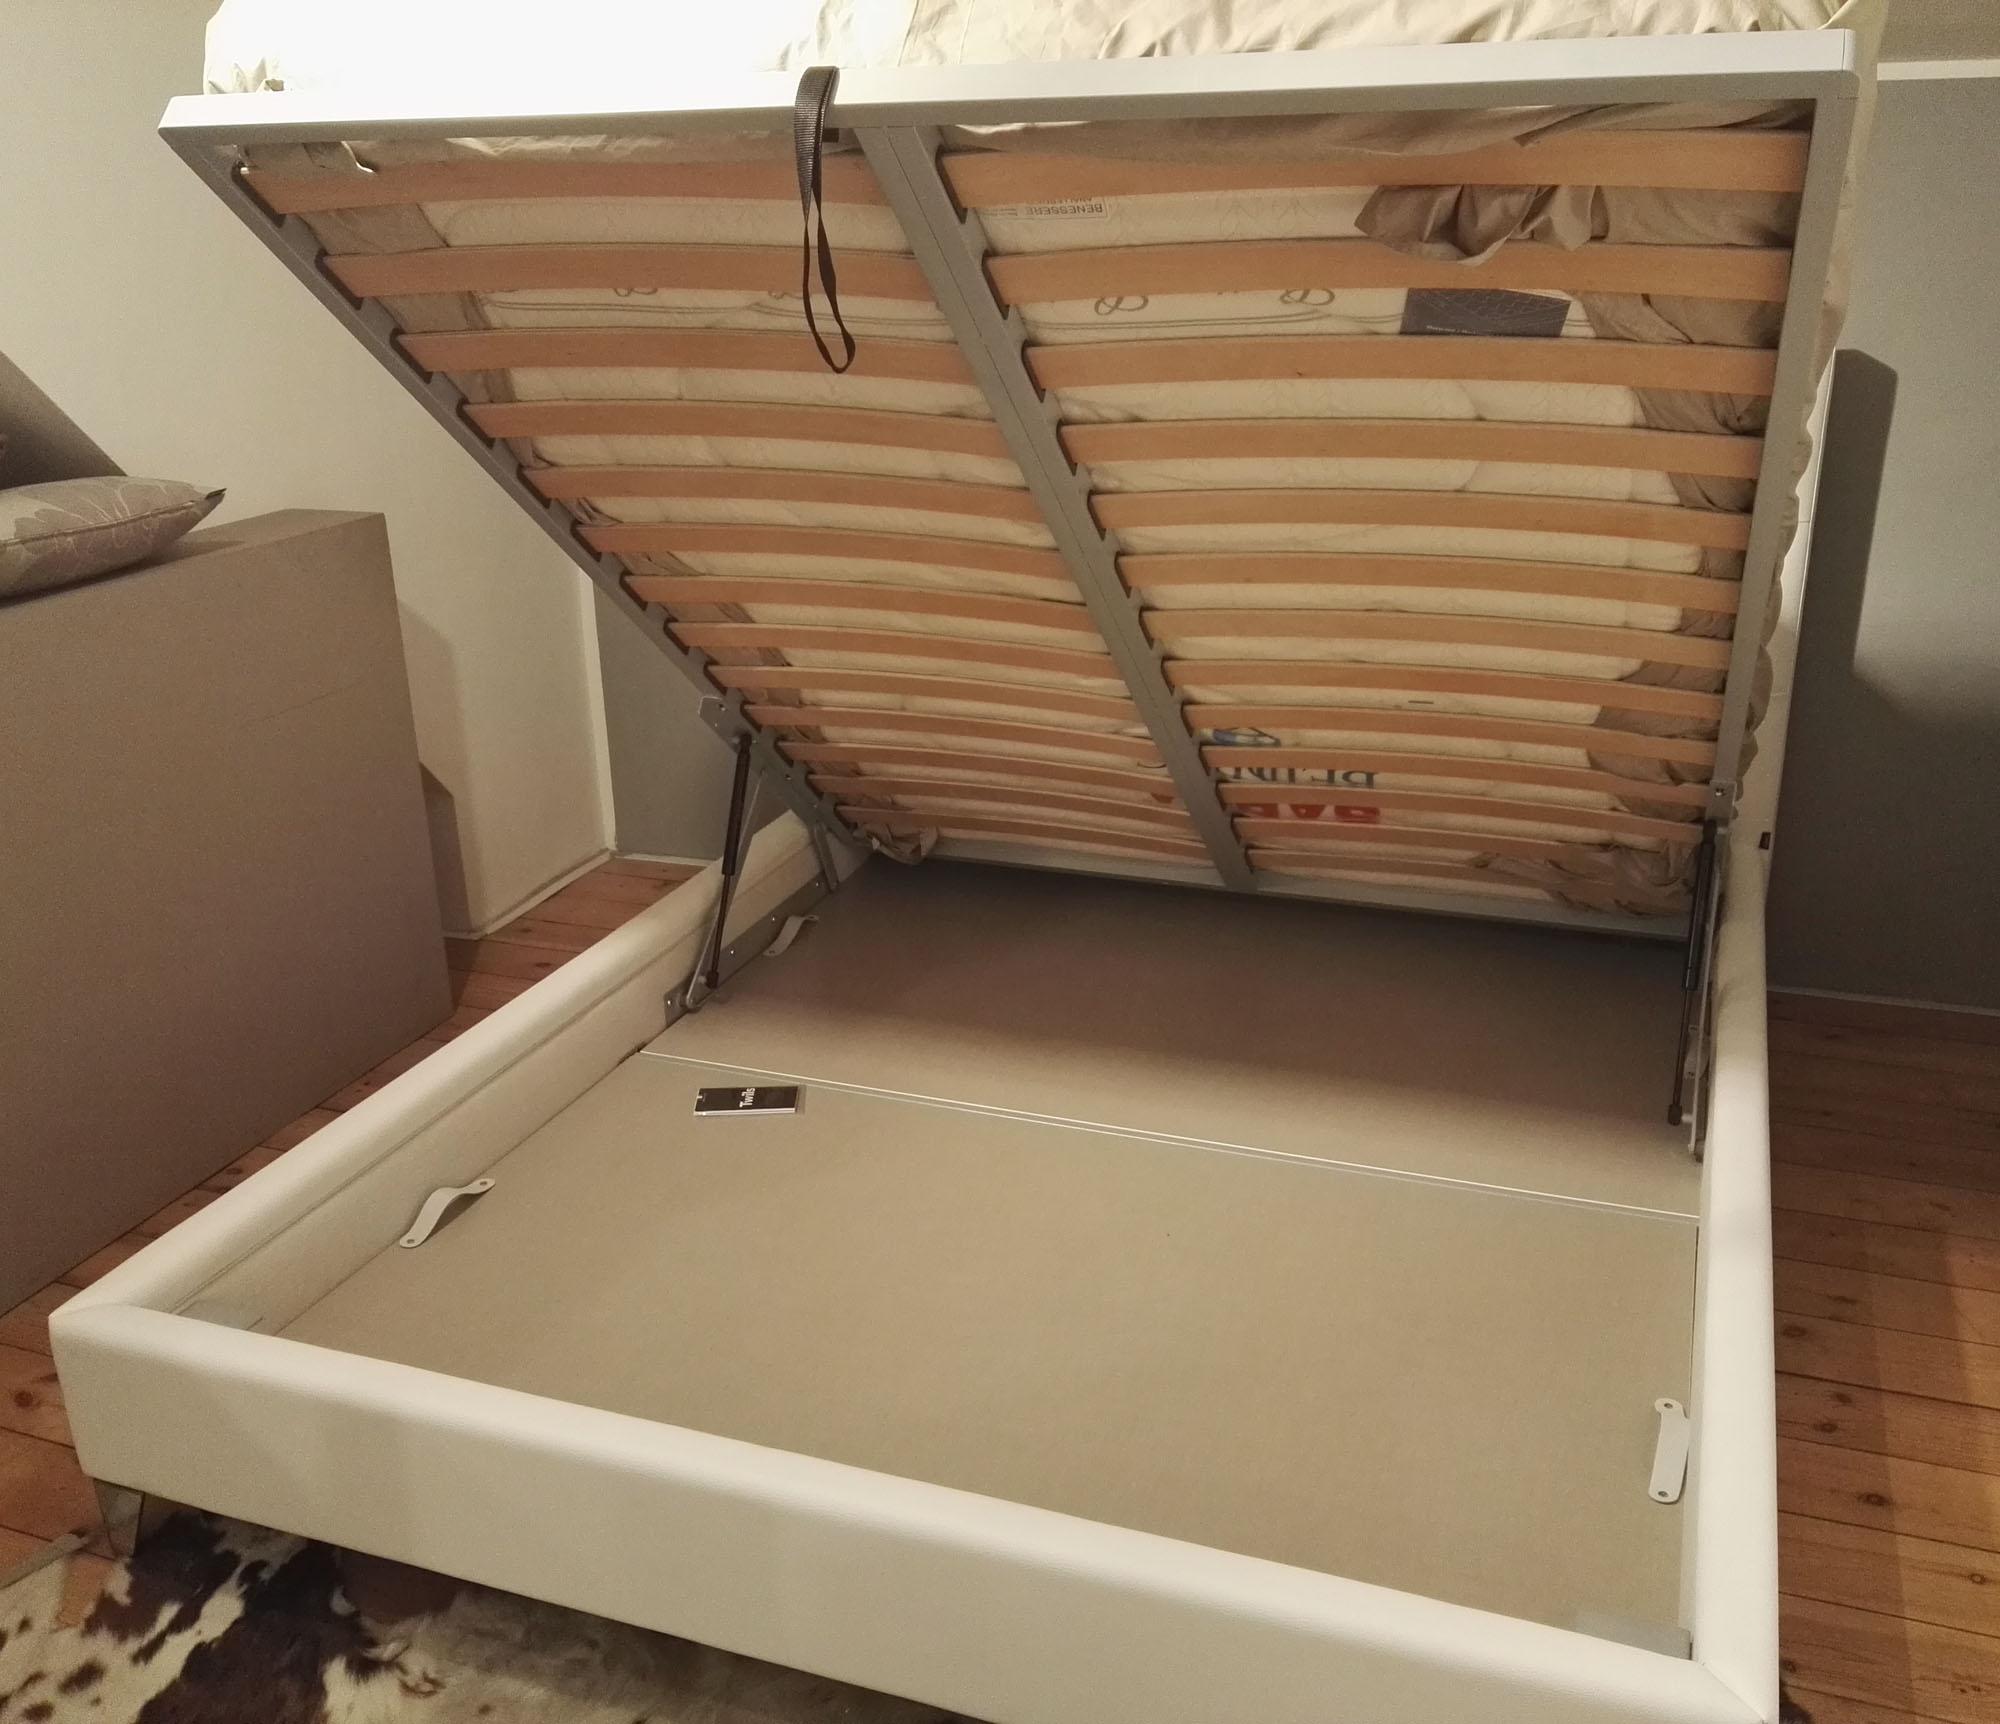 Letto matrimoniale twils max capitonne basso in ecopelle for Design moderno a basso costo con 3 camere da letto